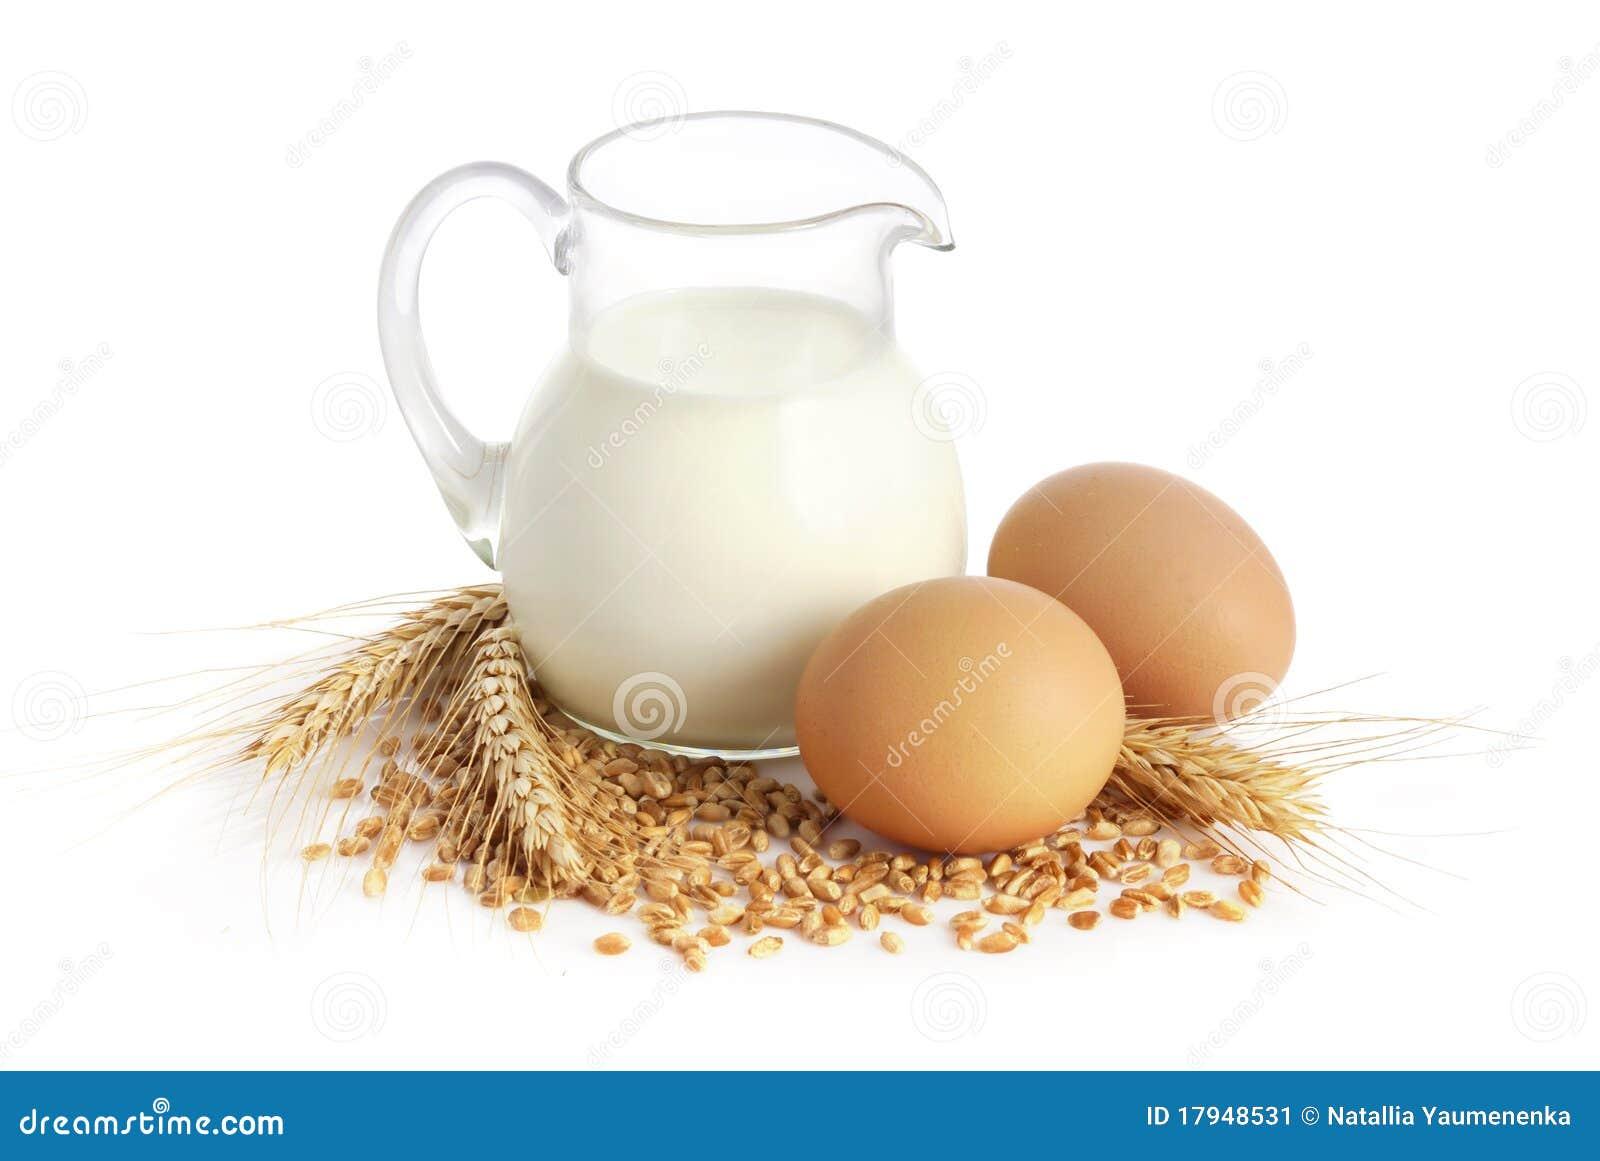 Молоко картинки на белом фоне